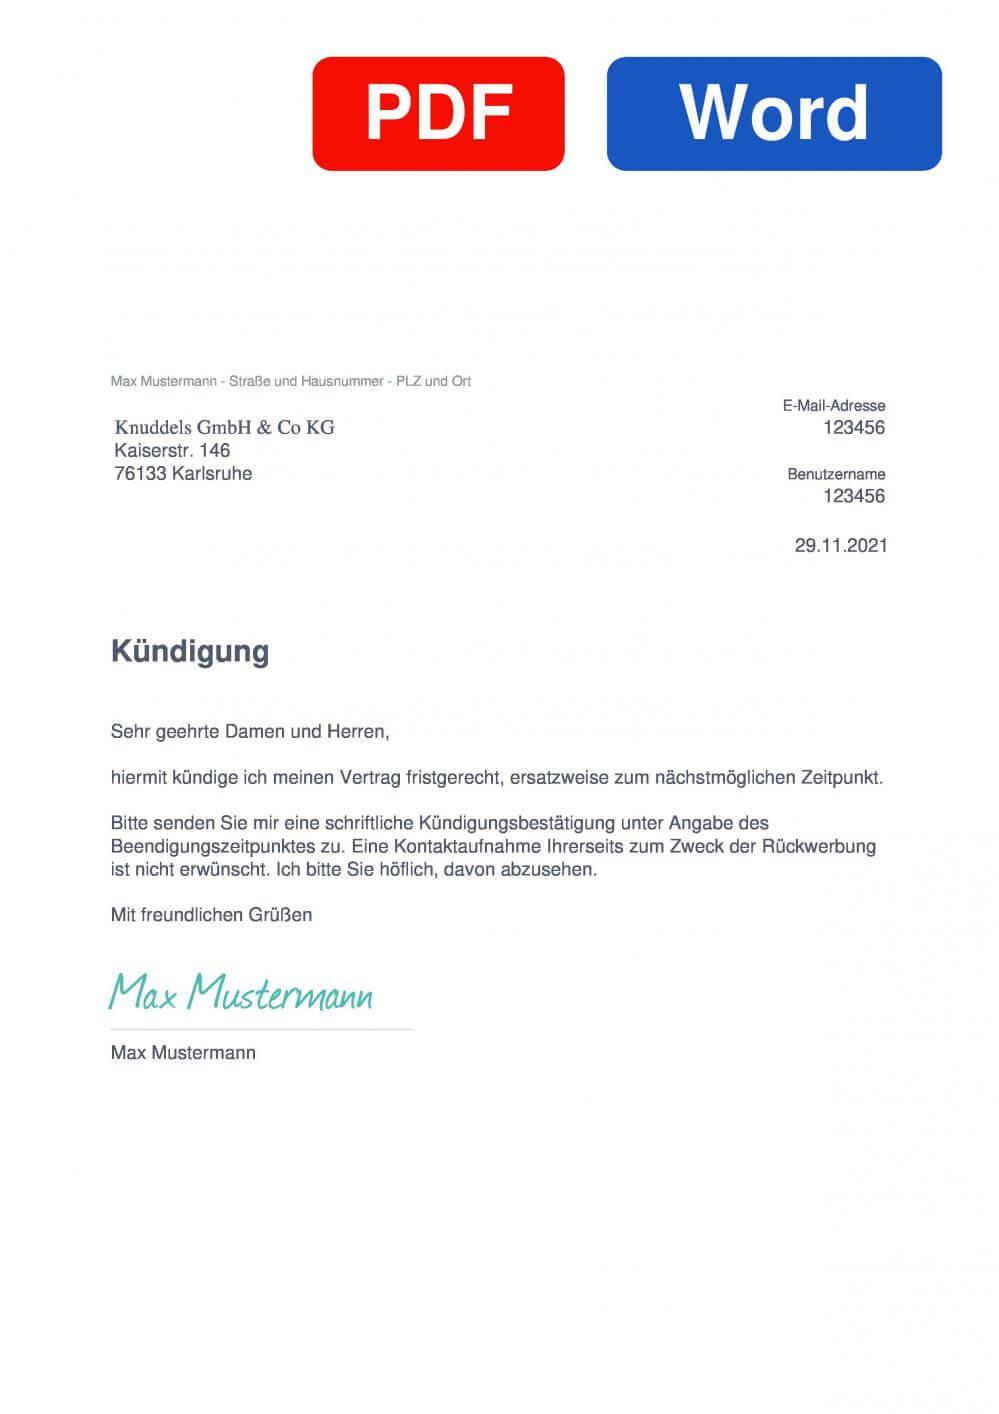 Knuddels Muster Vorlage für Kündigungsschreiben